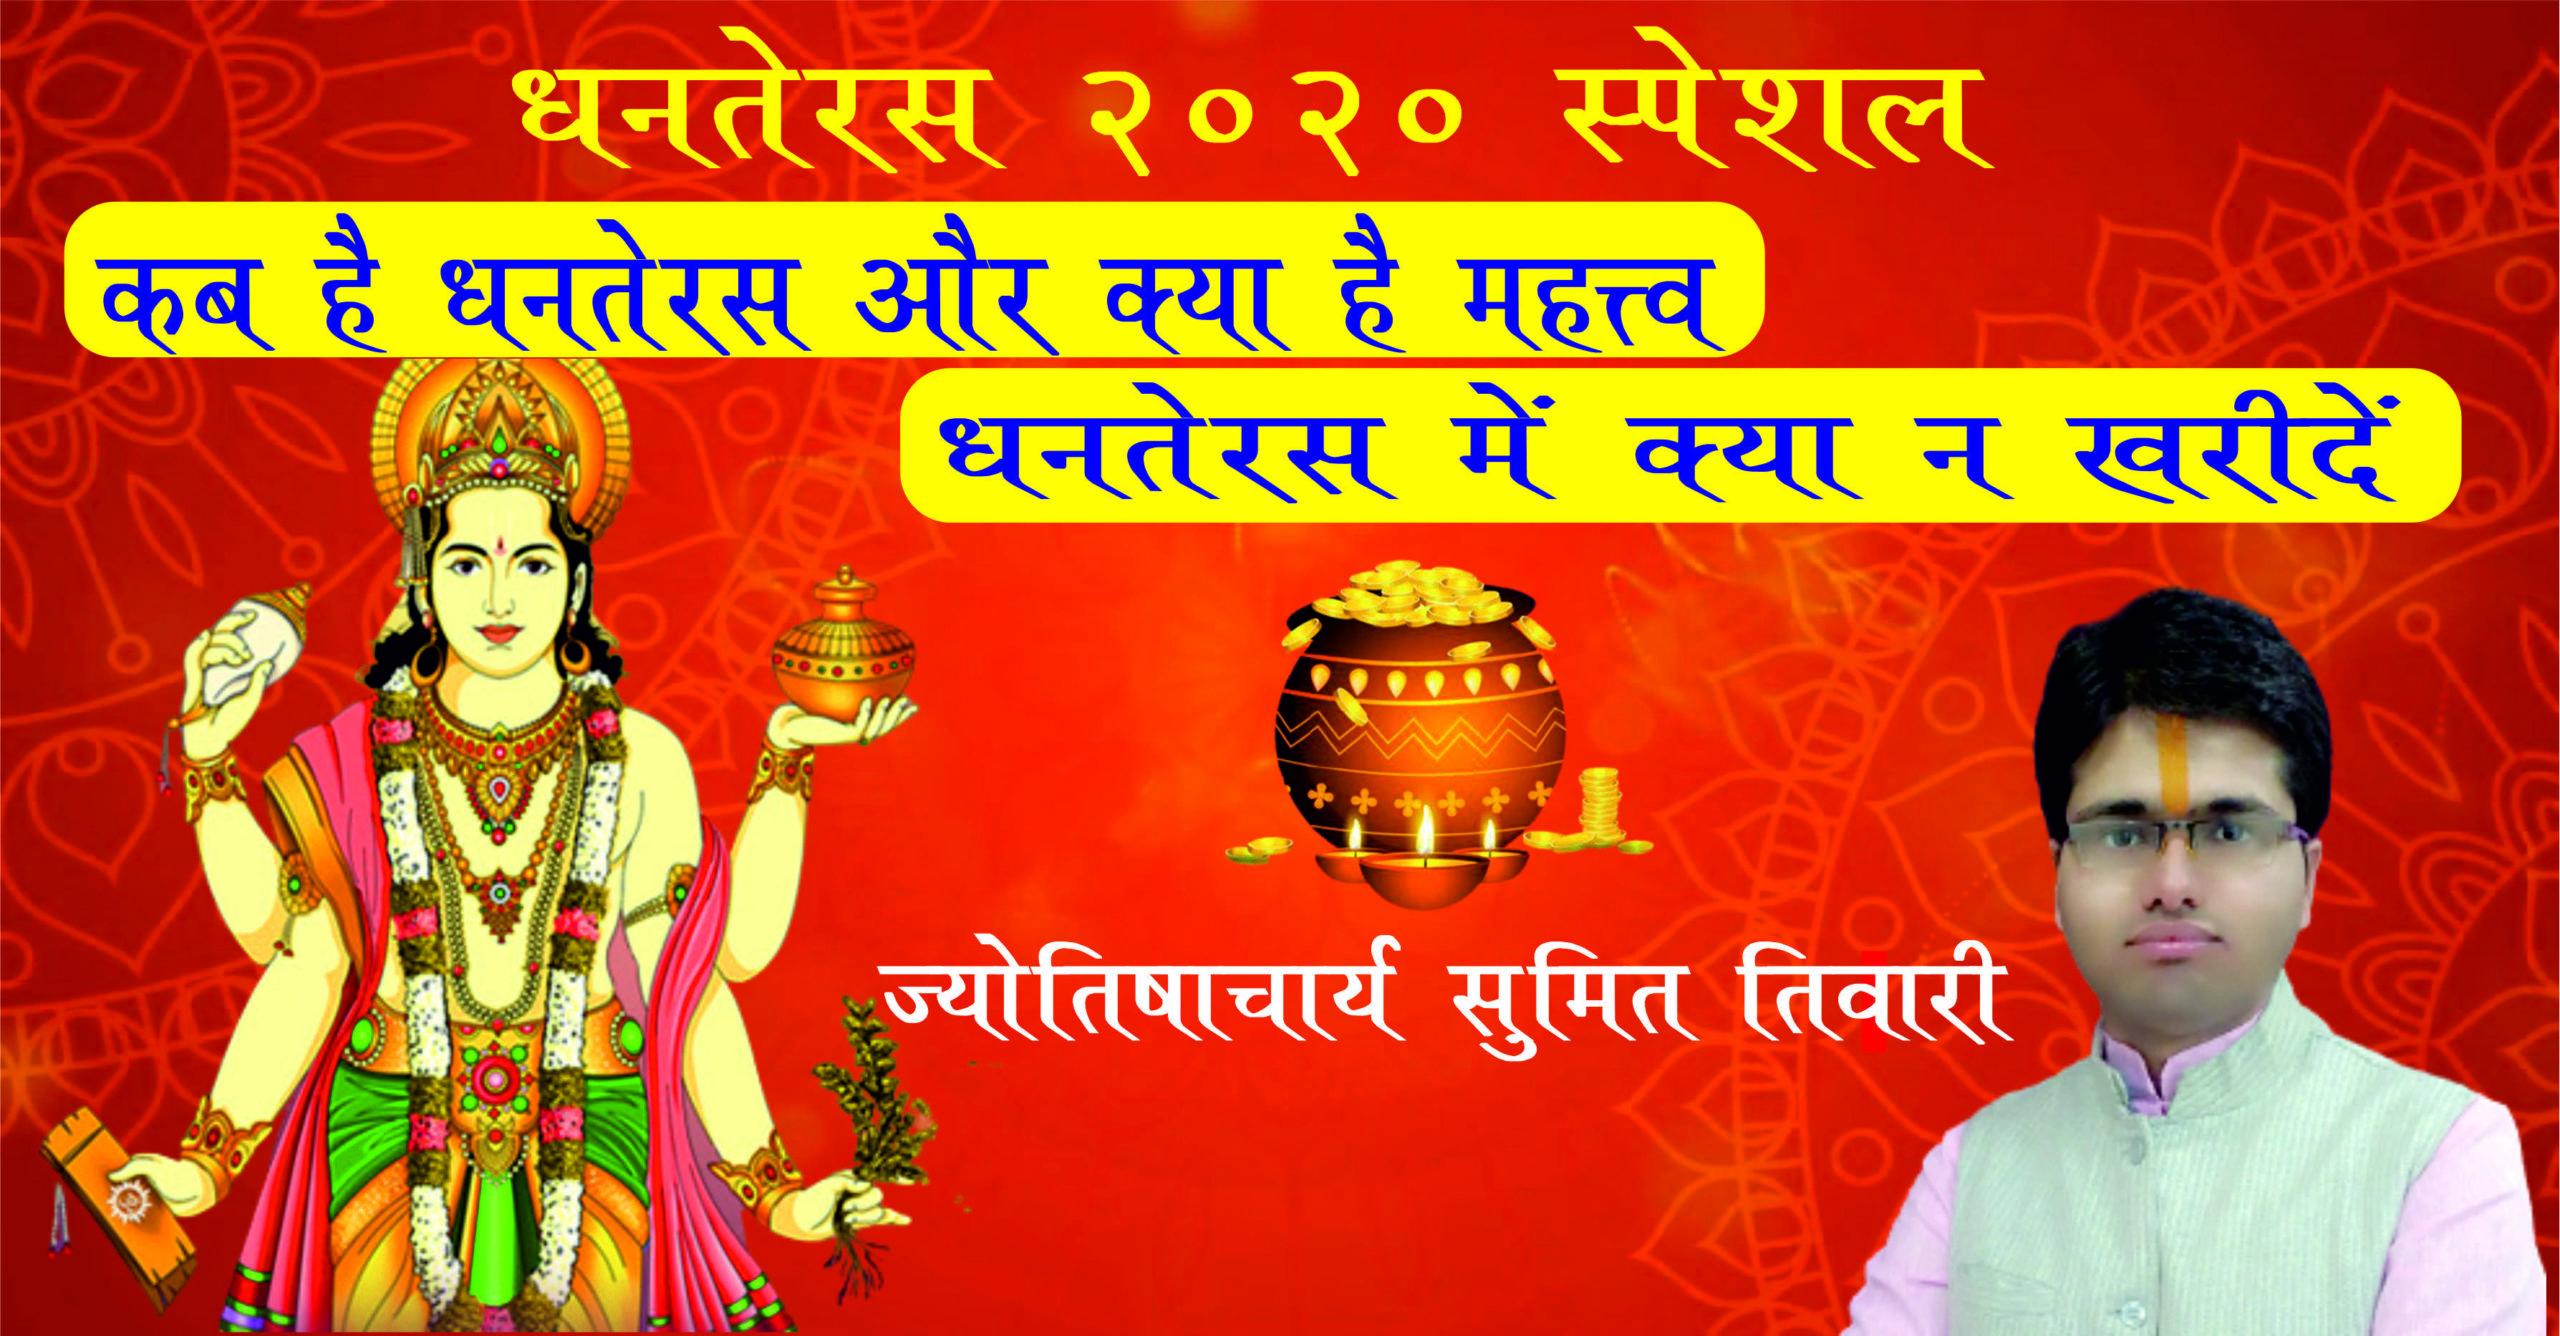 Dhanteras 2020 Special : कब है धनतेरस और क्या है महत्त्व, धनतेरस में क्या न खरीदें